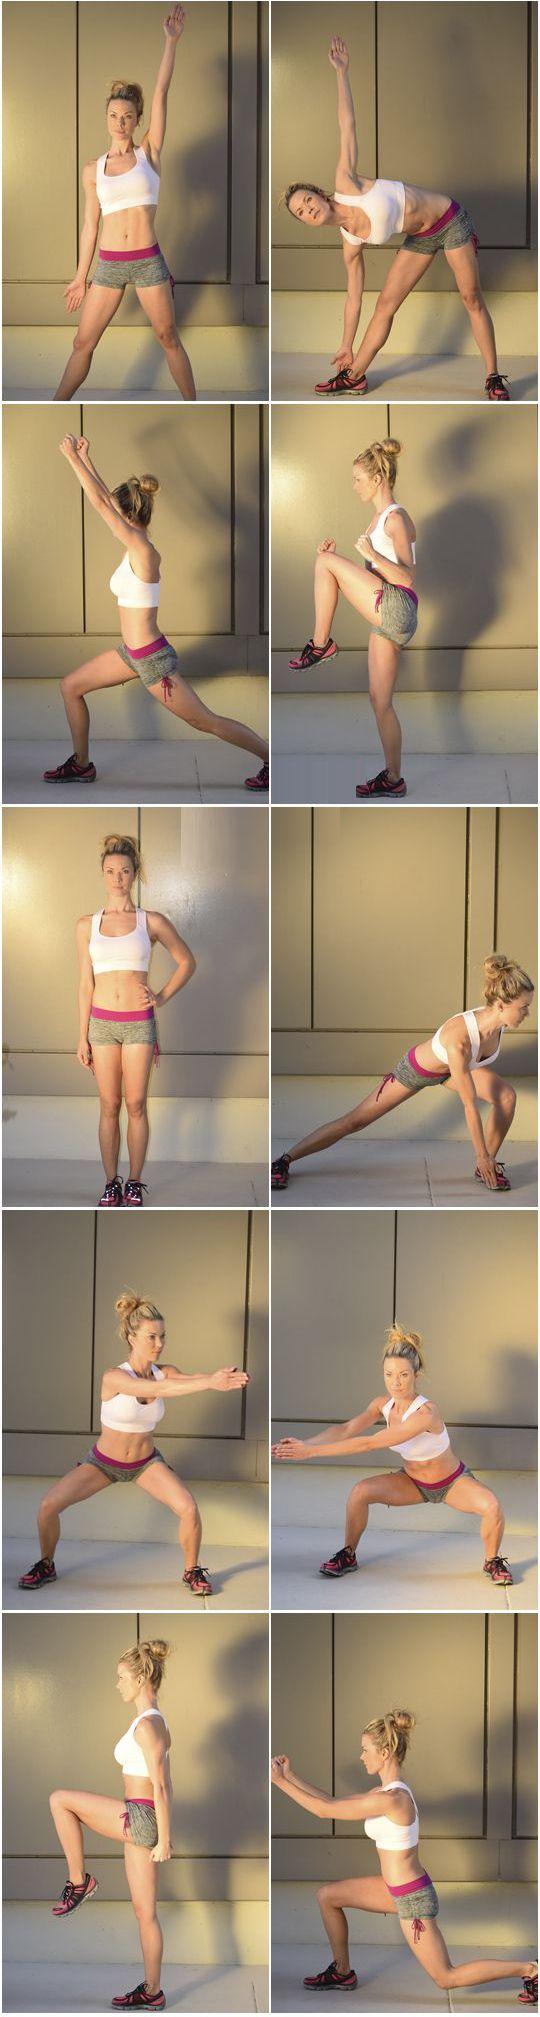 Exercices d'abdos pour femme